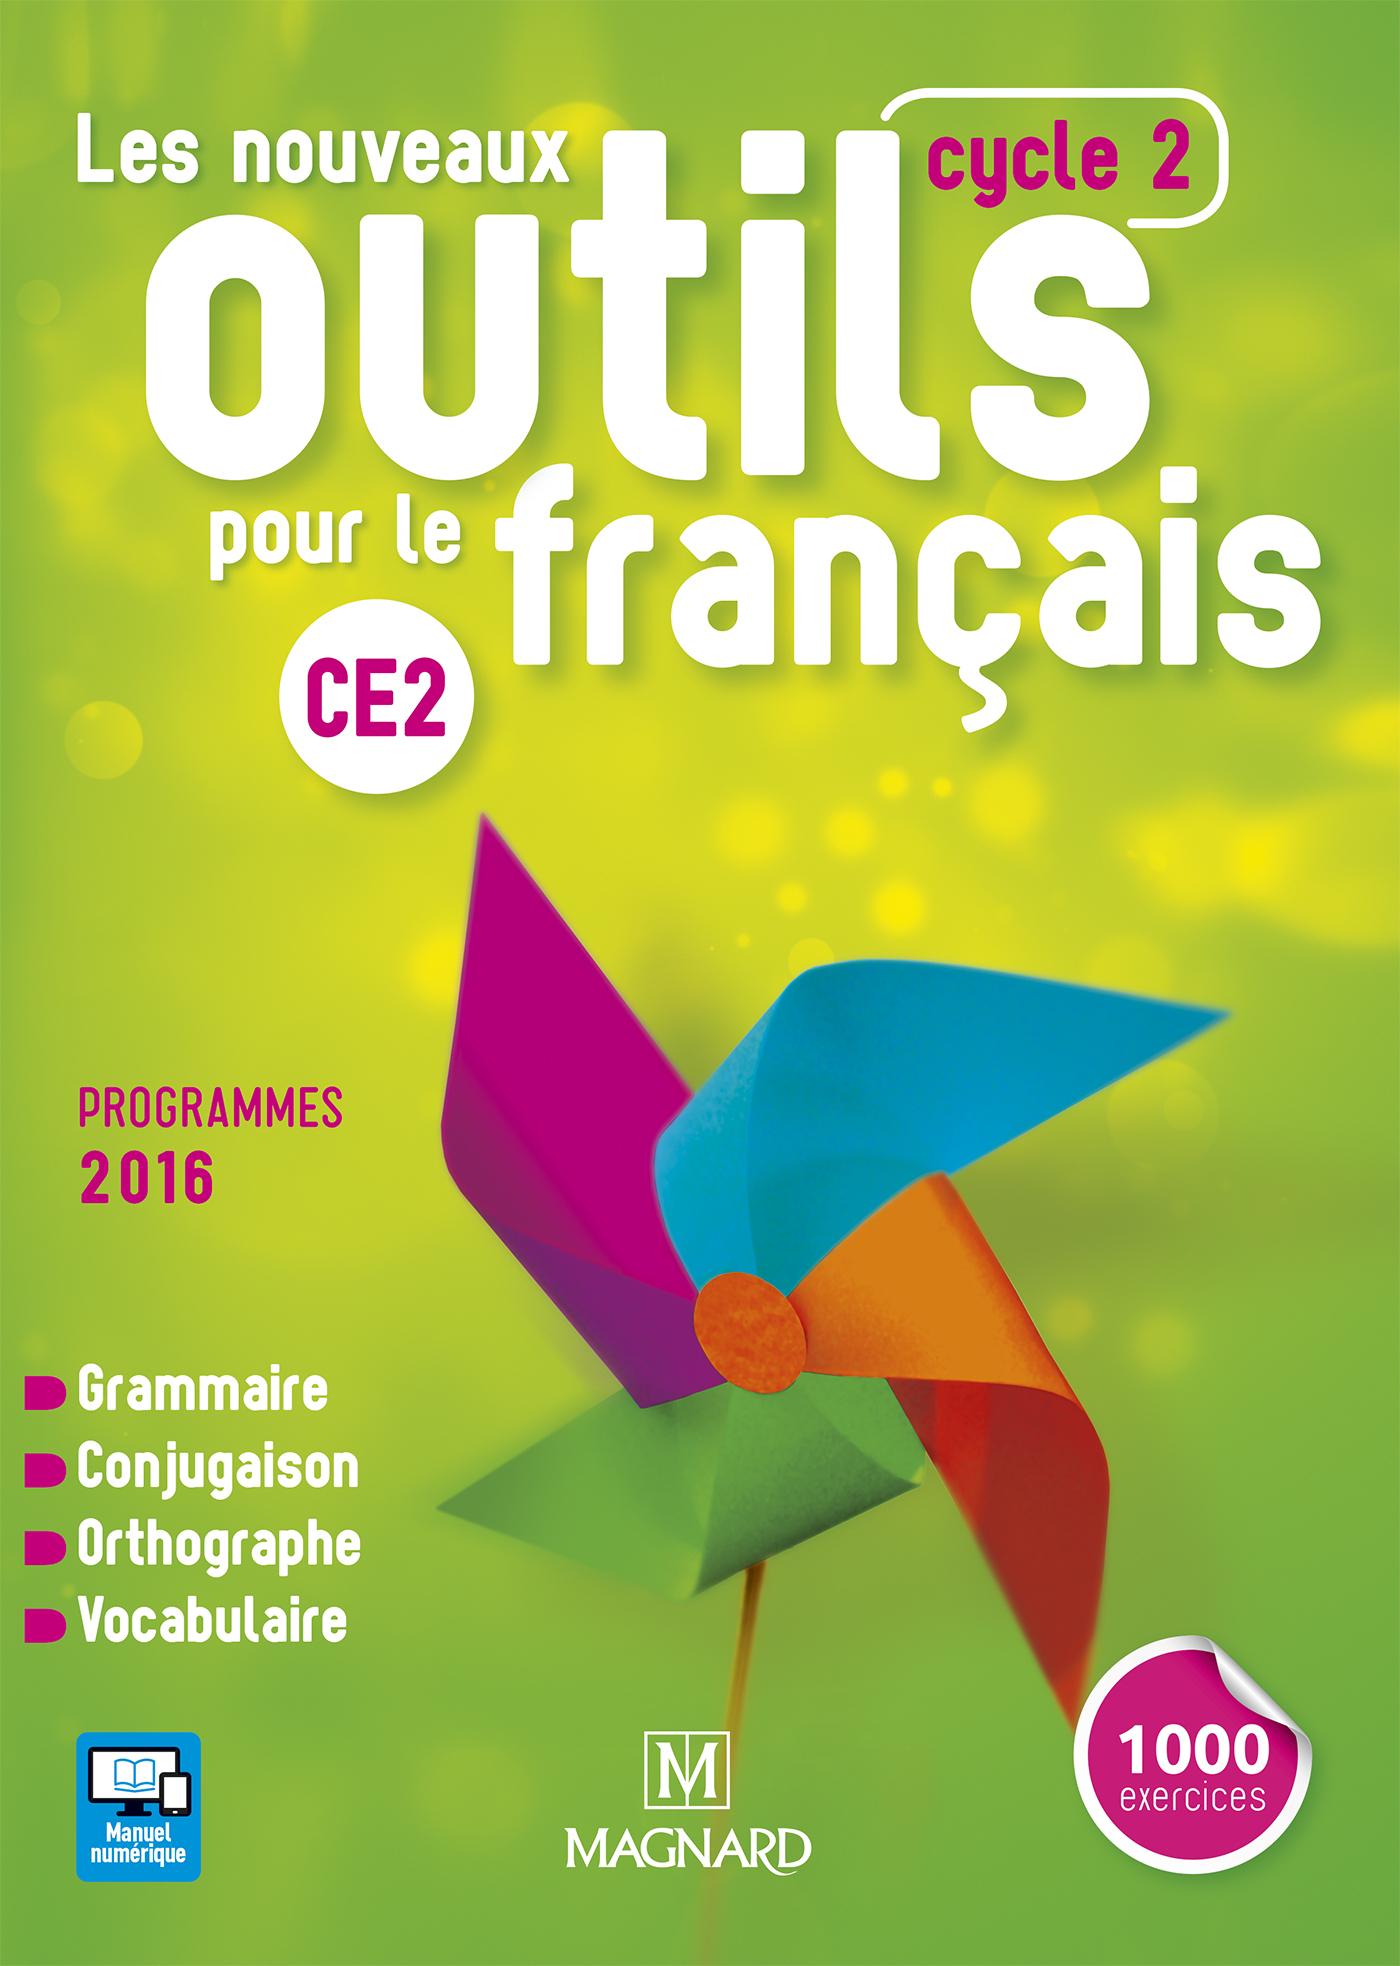 Les Nouveaux Outils Pour Le Français Ce2 (2016) - Manuel De concernant Exercice De Ce2 En Ligne